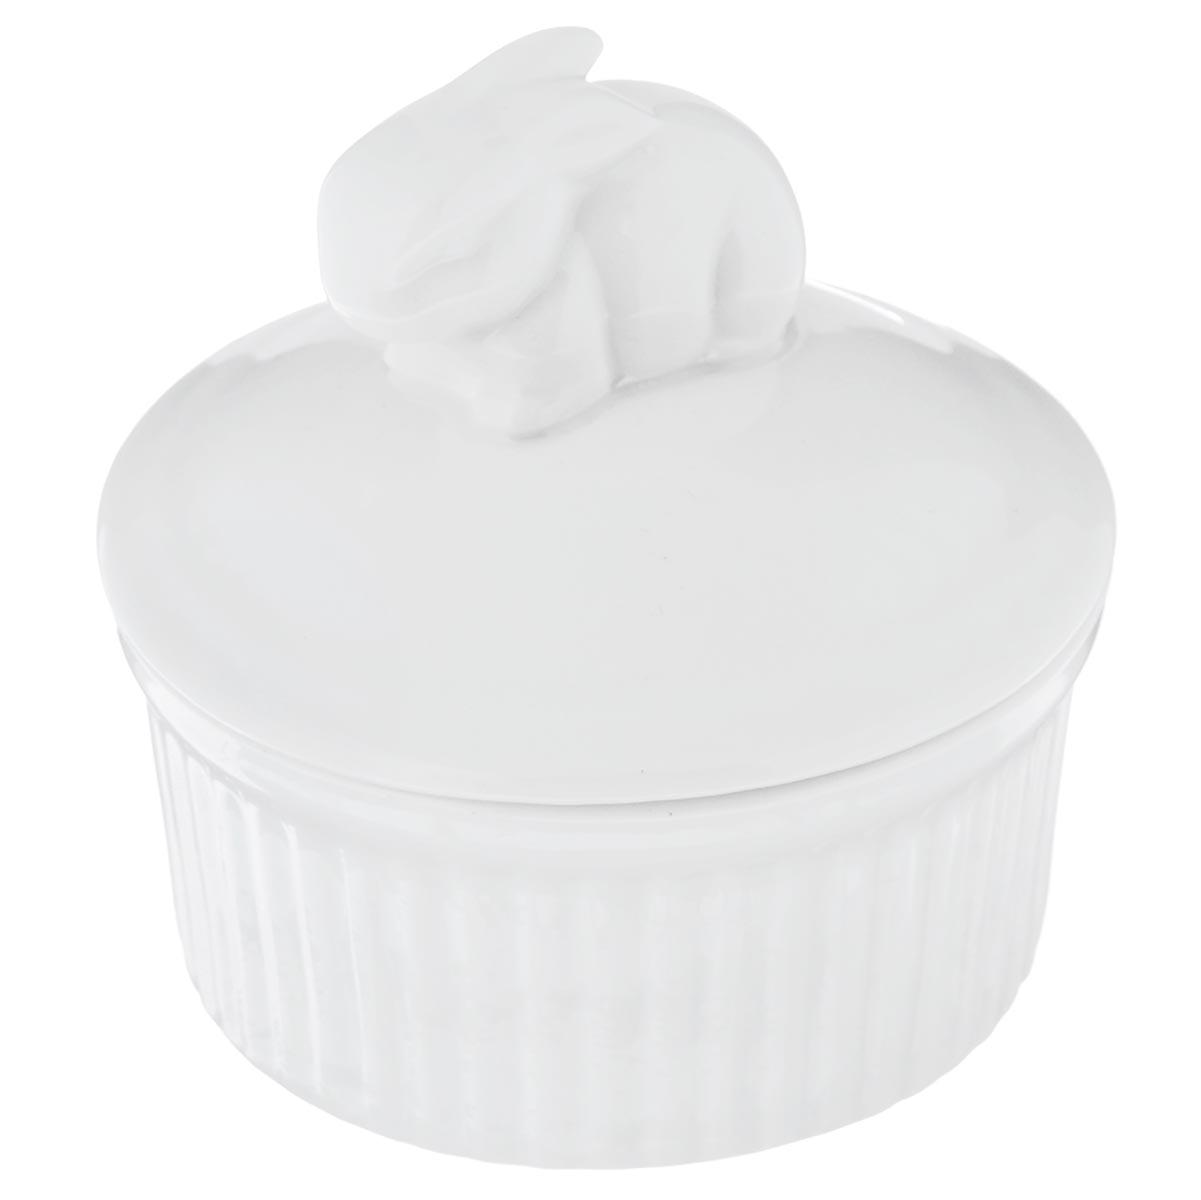 Горшок для запекания Walmer Rabbit, с крышкой, цвет: белый, диаметр 9 смW10320009Горшочек для запекания Walmer Rabbit круглой формы изготовлен из высококачественного фарфора и оснащен крышкой. Крышка изделия декорирована фигуркой в виде кролика. Горшочек подходит для запекания различных блюд. Может быть использовано для подачи запеченных и охлажденных блюд на стол. Такое изделие станет отличным дополнением к вашему кухонному инвентарю, а также украсит сервировку стола и подчеркнет прекрасный вкус хозяина. Можно использовать в микроволновой печи. Диаметр (по верхнему краю) : 9 см. Диаметр основания: 7,7 см. Высота (без учета крышки): 4,5 см. Объем: 120 мл.